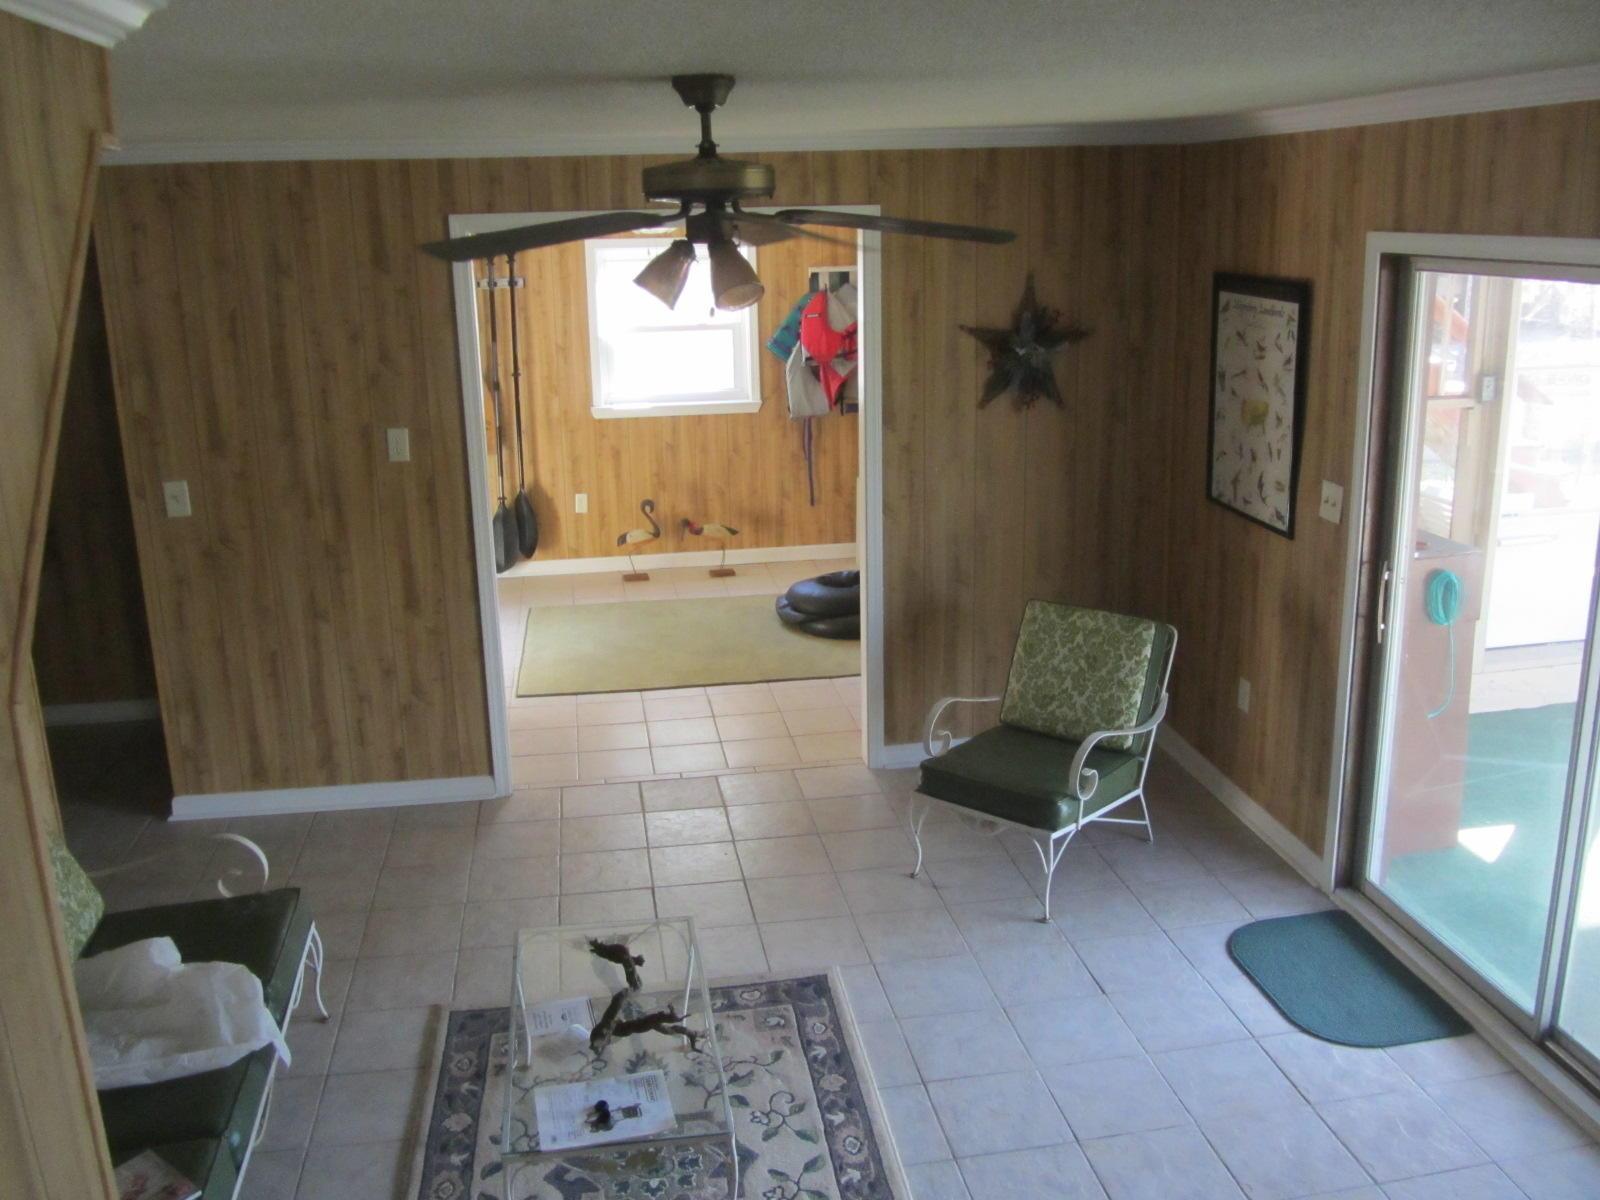 Edisto River Homes For Sale - 265 Blackwater, Round O, SC - 30